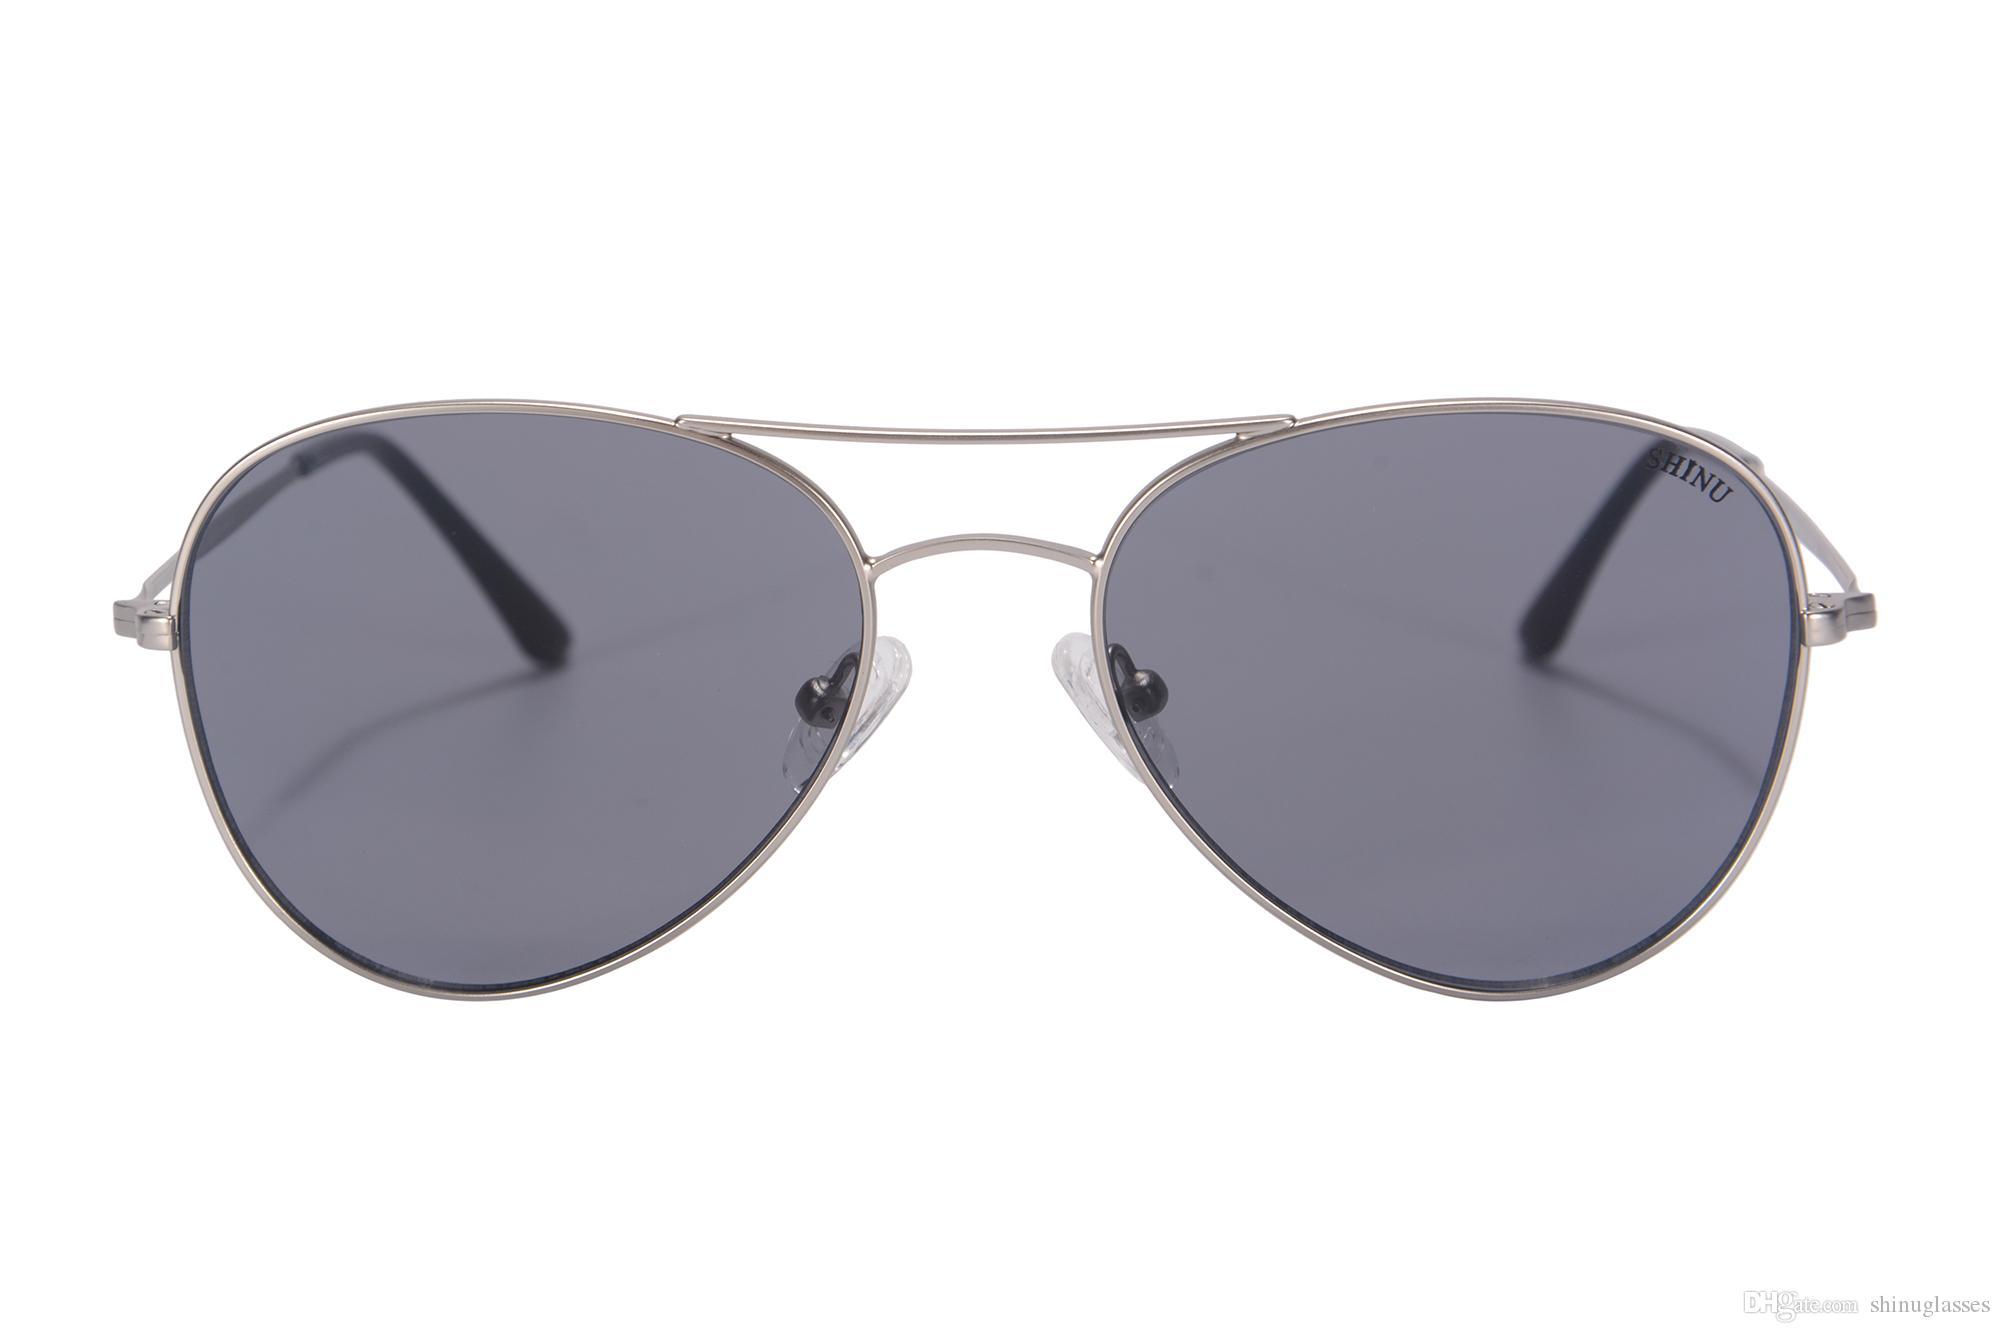 Lunettes de soleil Hox grises Fashion f5CCd03